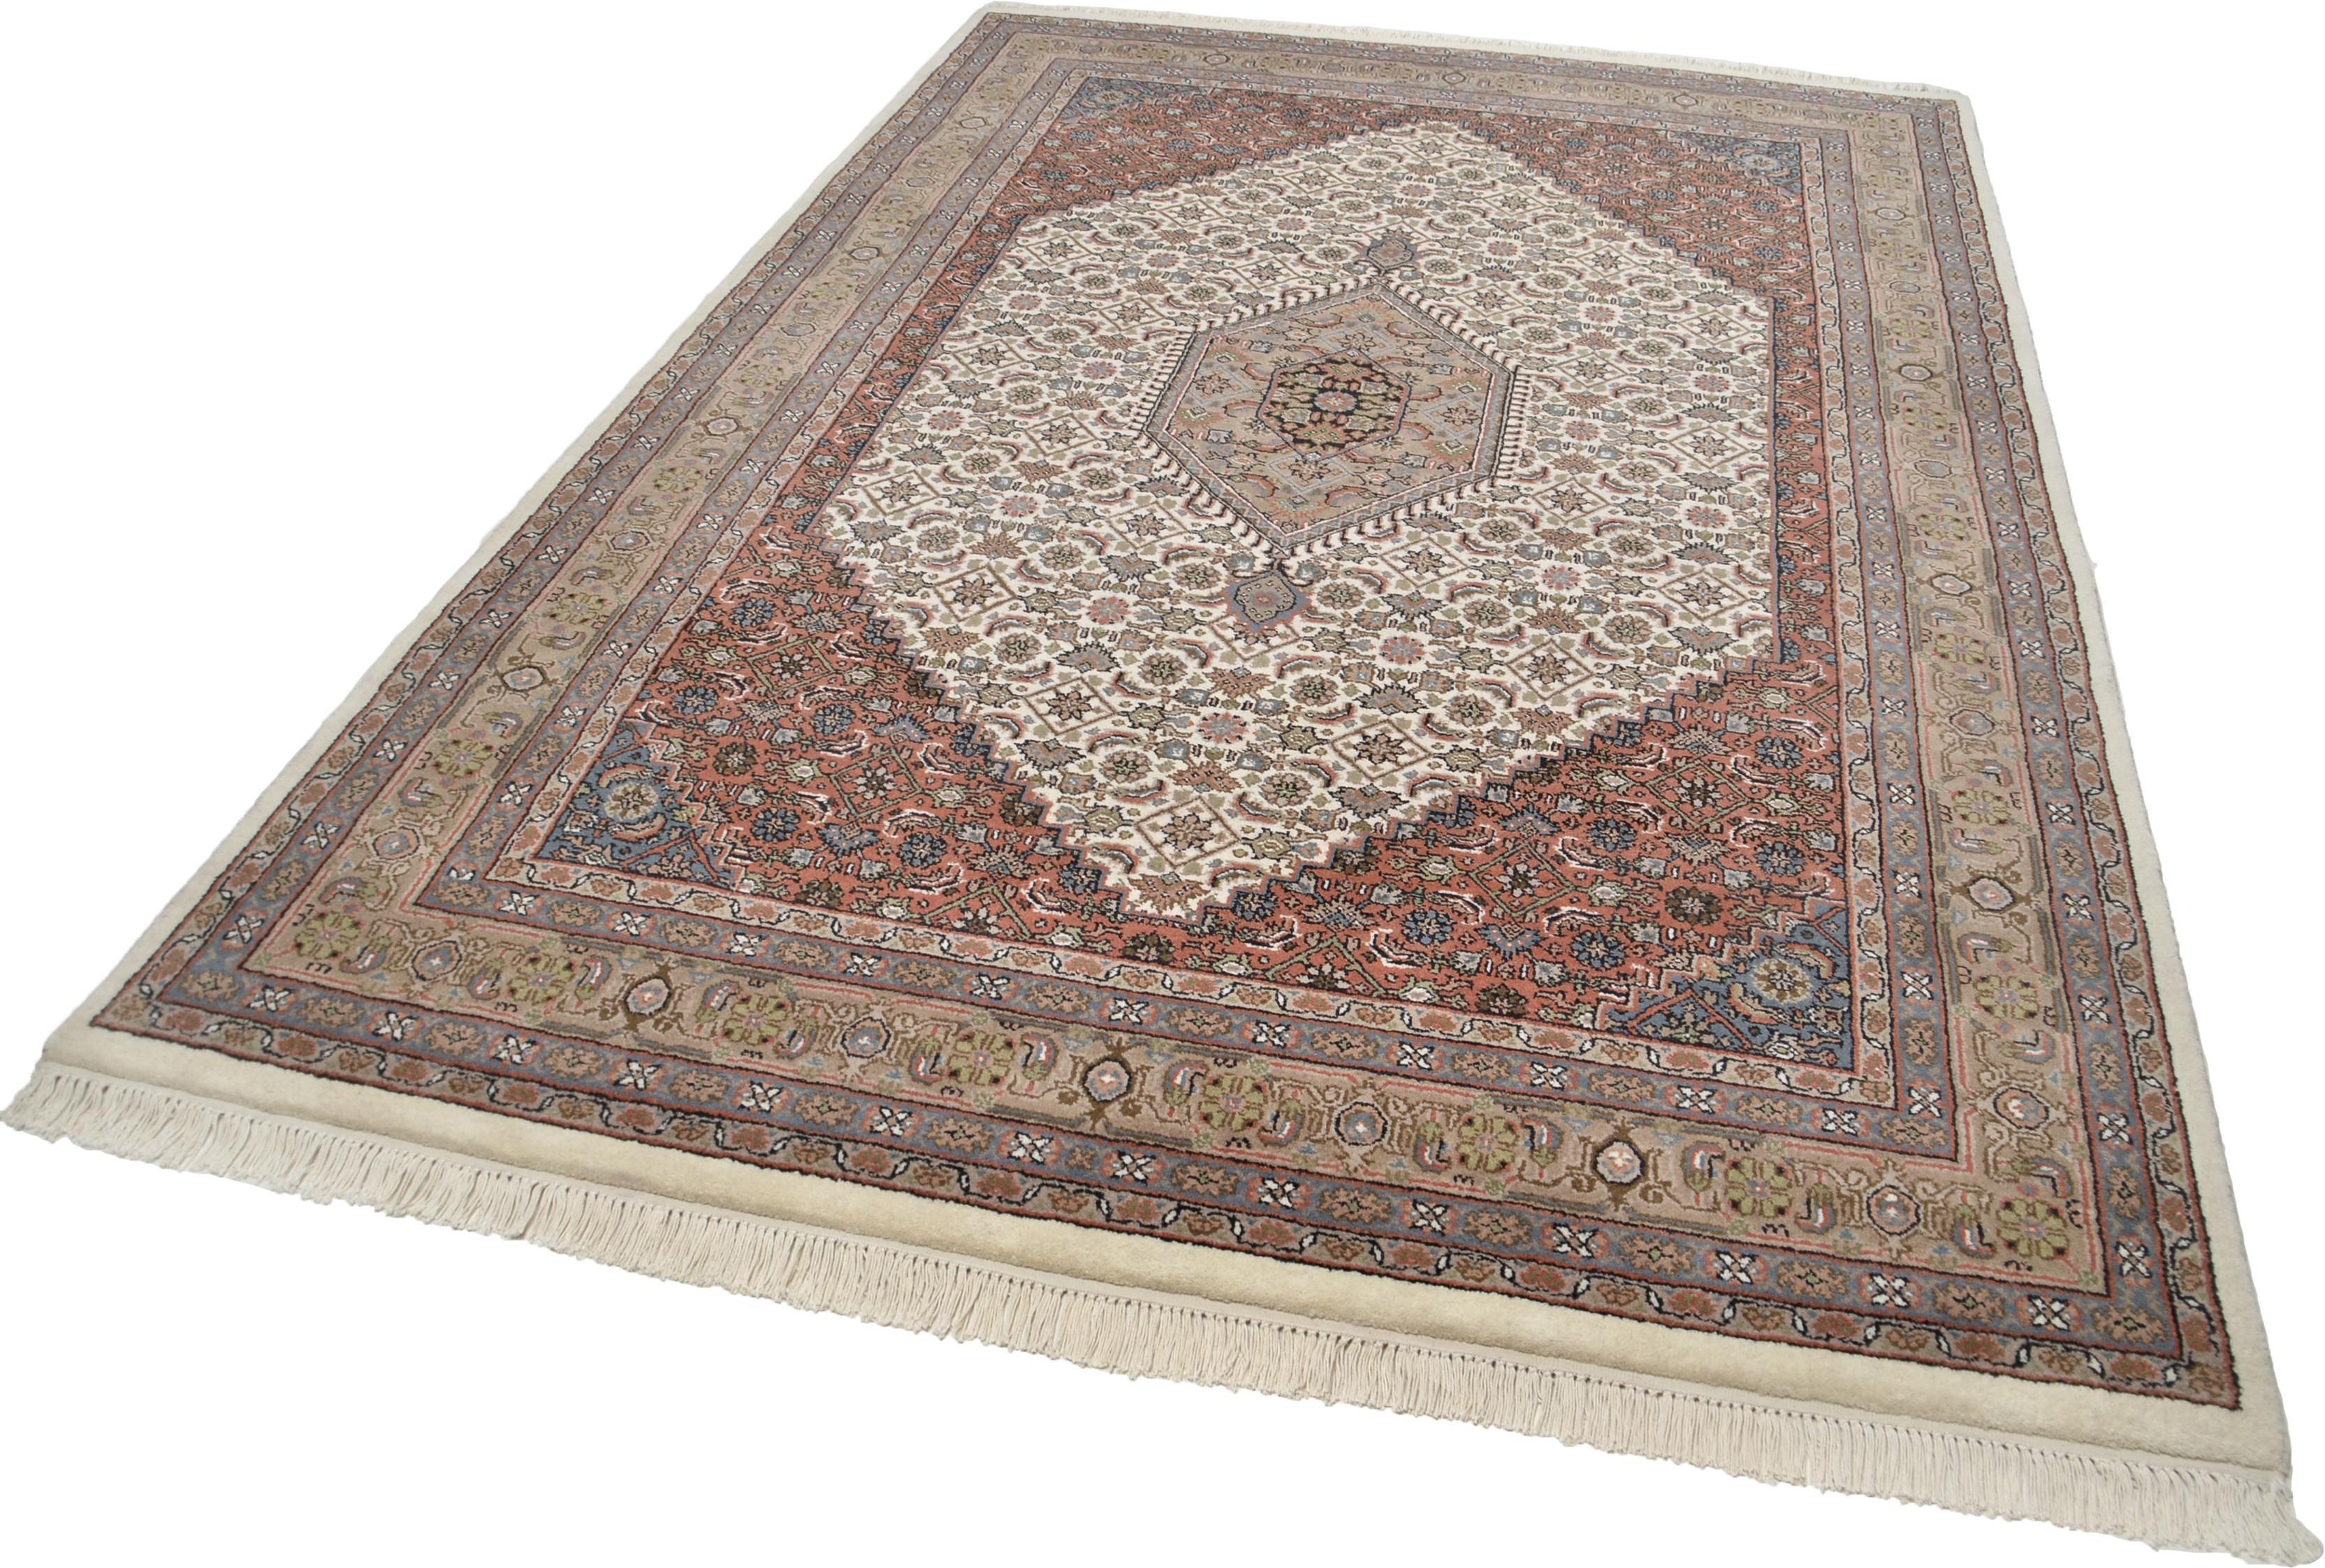 Orientteppich »Benares Bidjar«, Theko Exklusiv, rechteckig, Höhe 12 mm, ca. 155.000 Knoten/m² | Heimtextilien > Teppiche > Orientteppiche | Theko Exklusiv